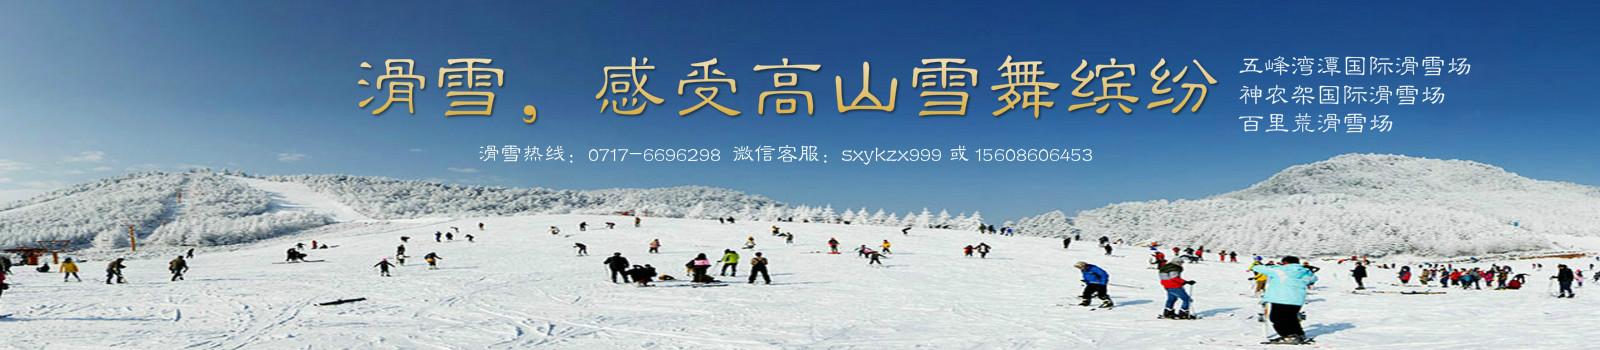 2018宜昌滑雪旅游